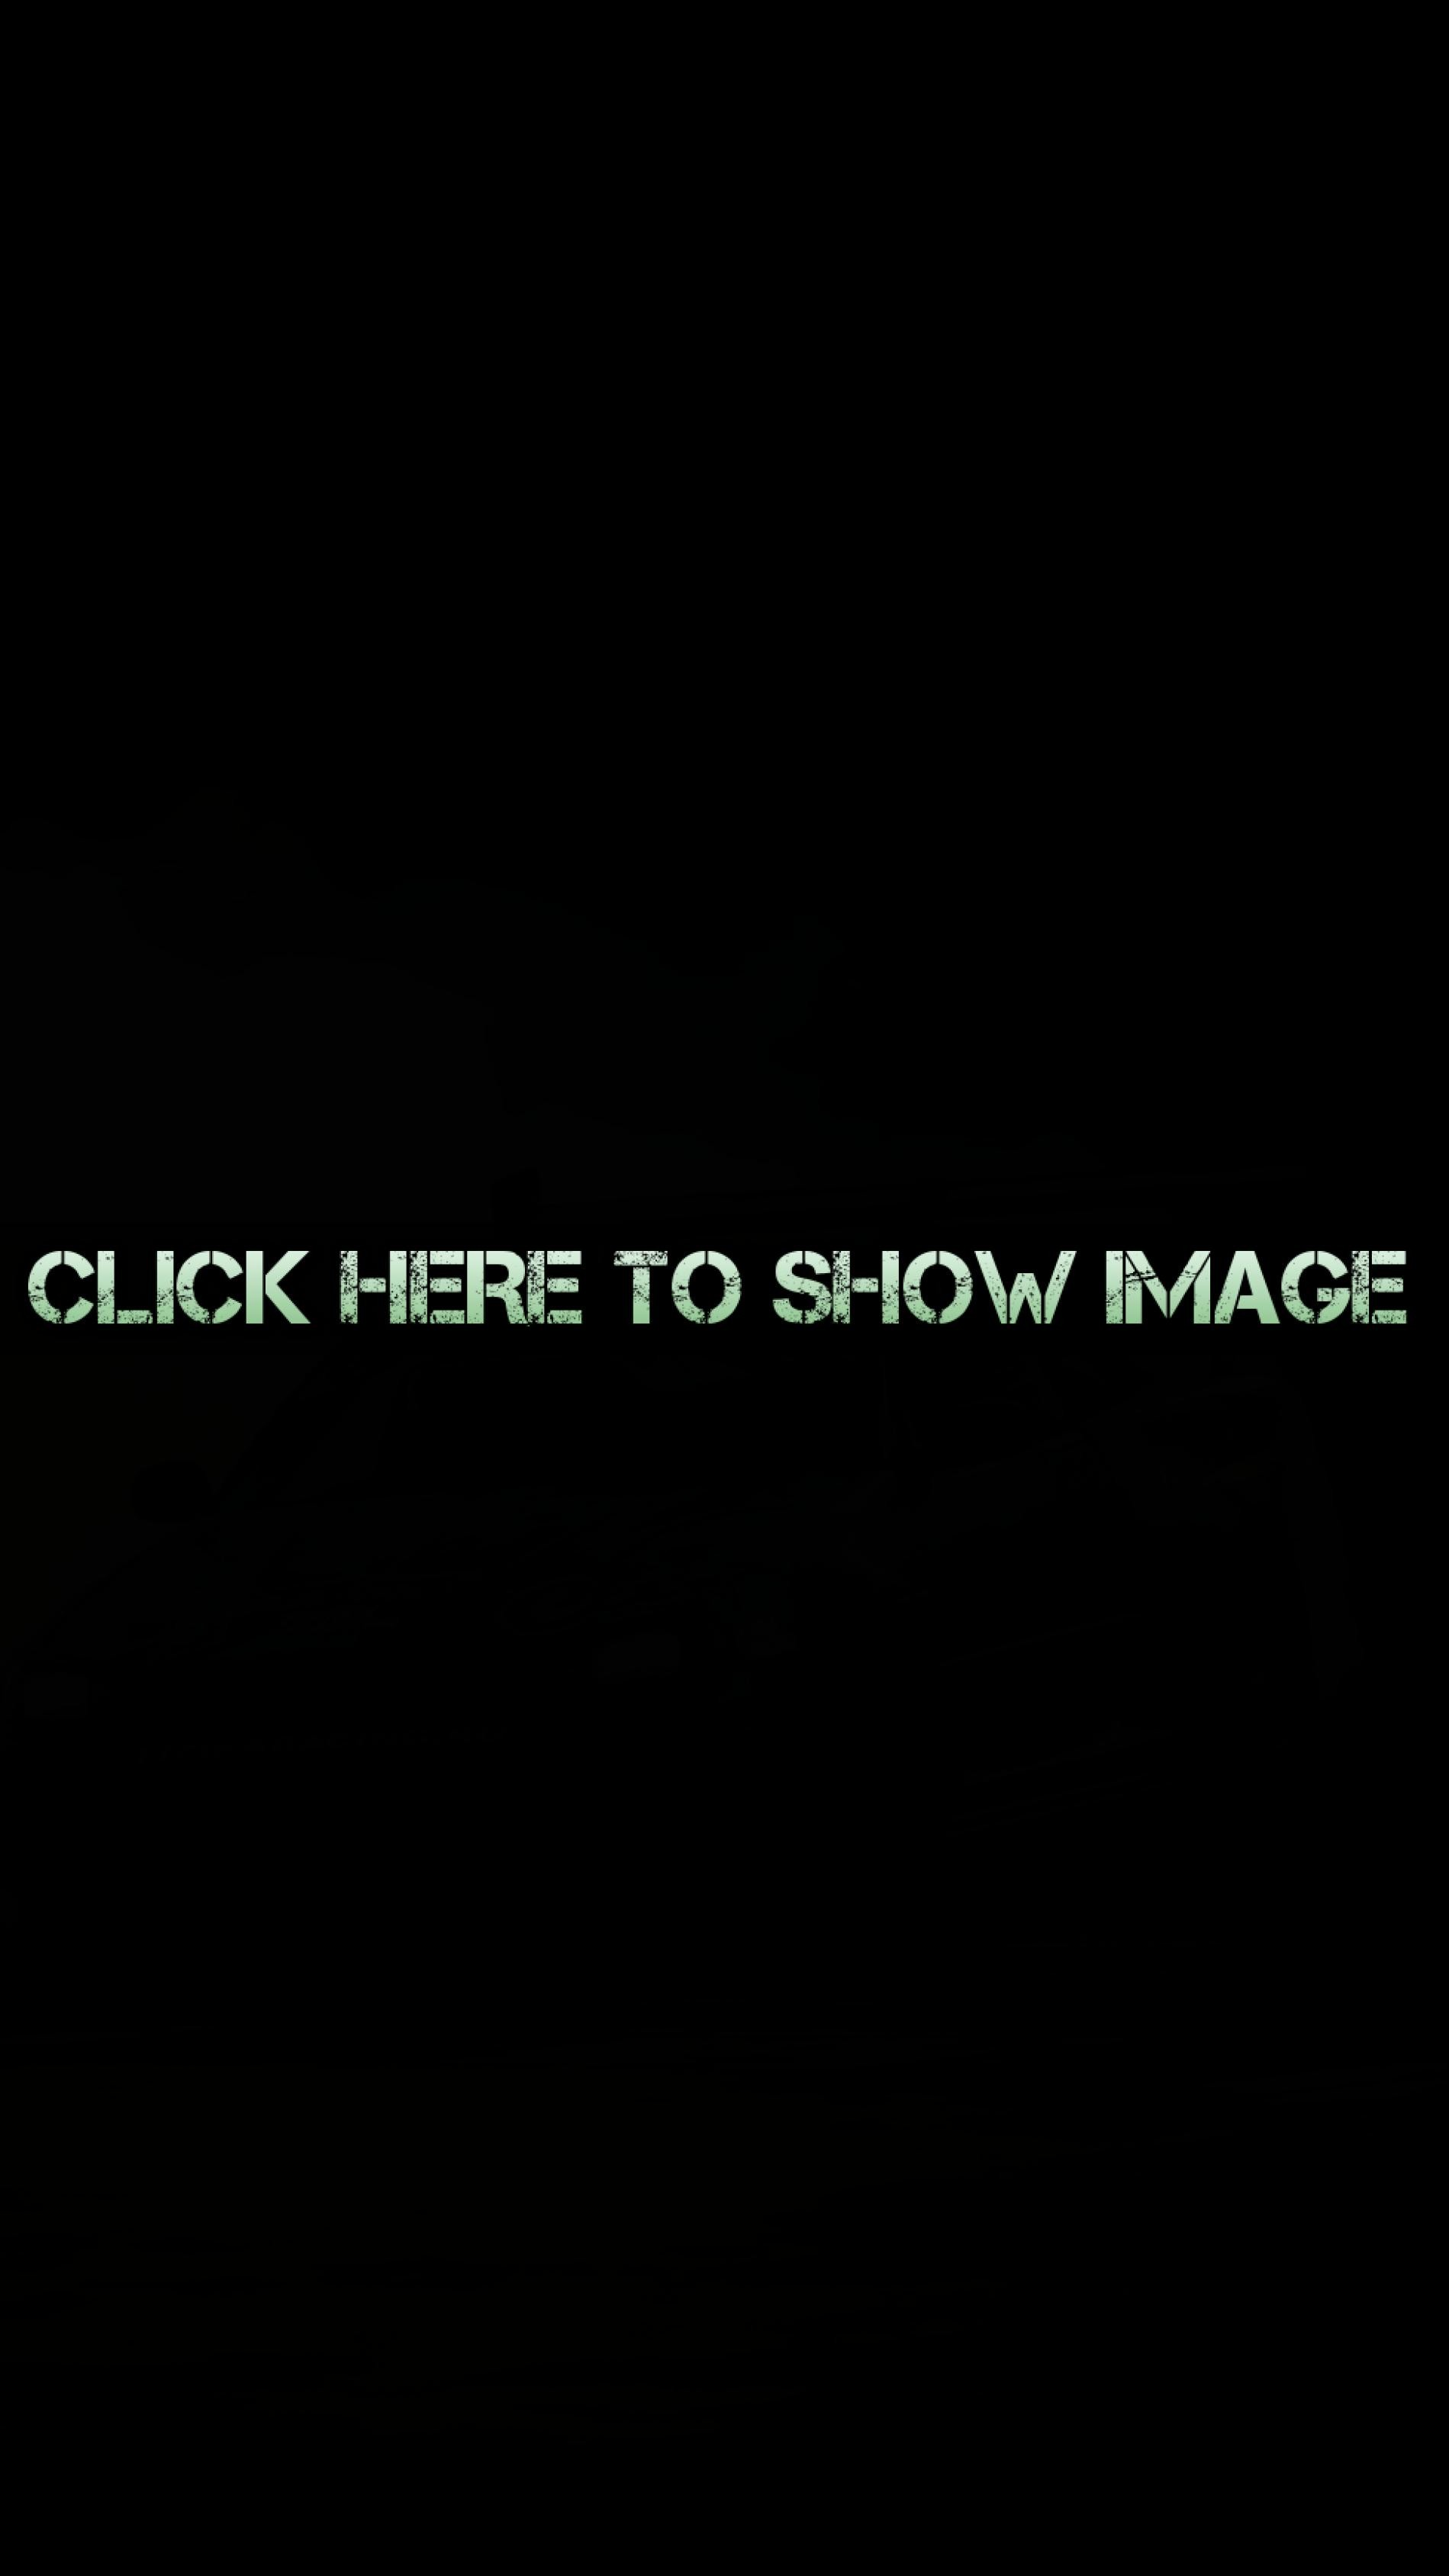 … honda jdm iphone wallpaper cave image # image honda jdm iphone wallpaper  # x civic si …